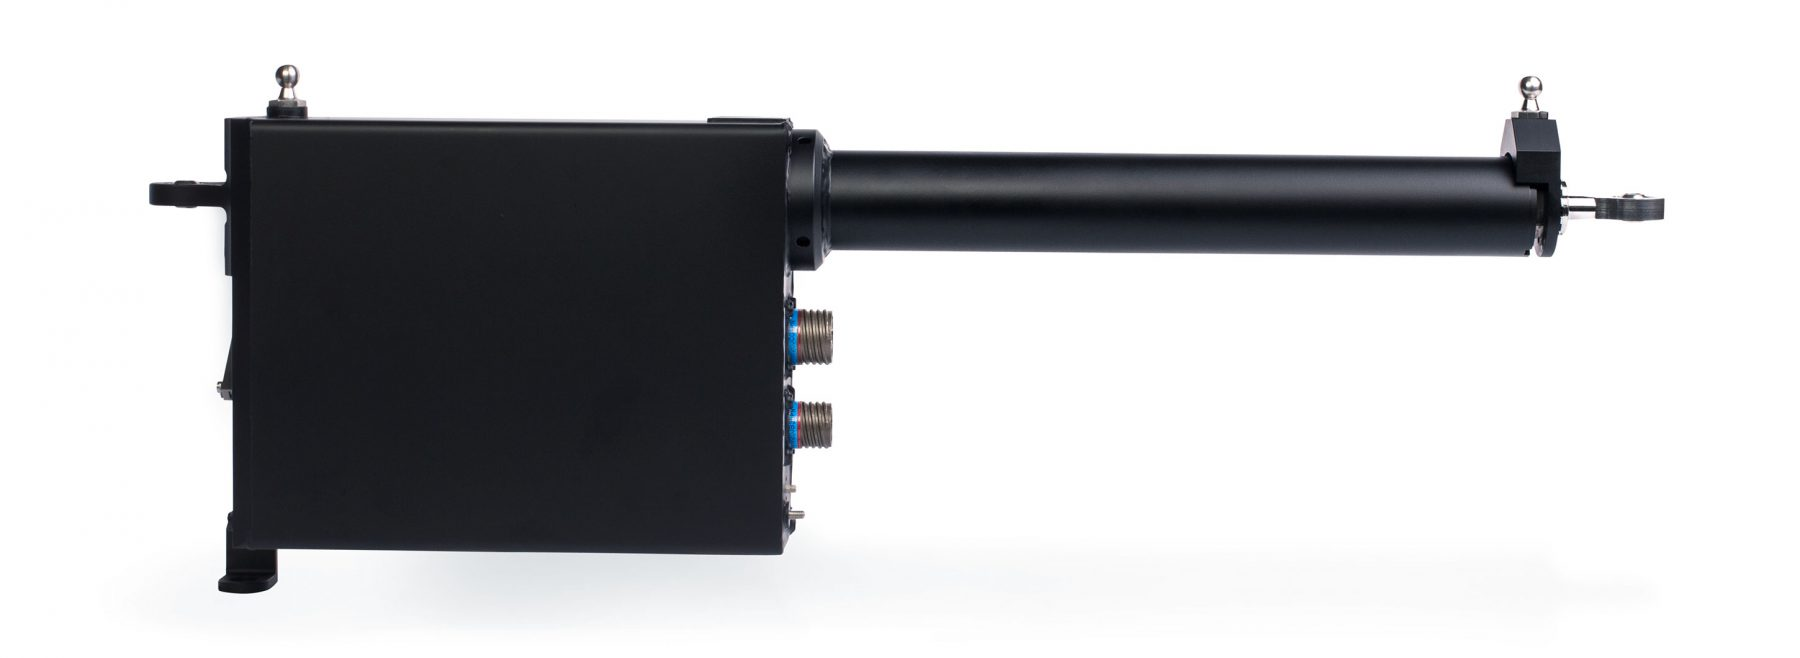 alpha one trim wiring diagram gfs super strat mercruiser starter slave solenoid 502 ...